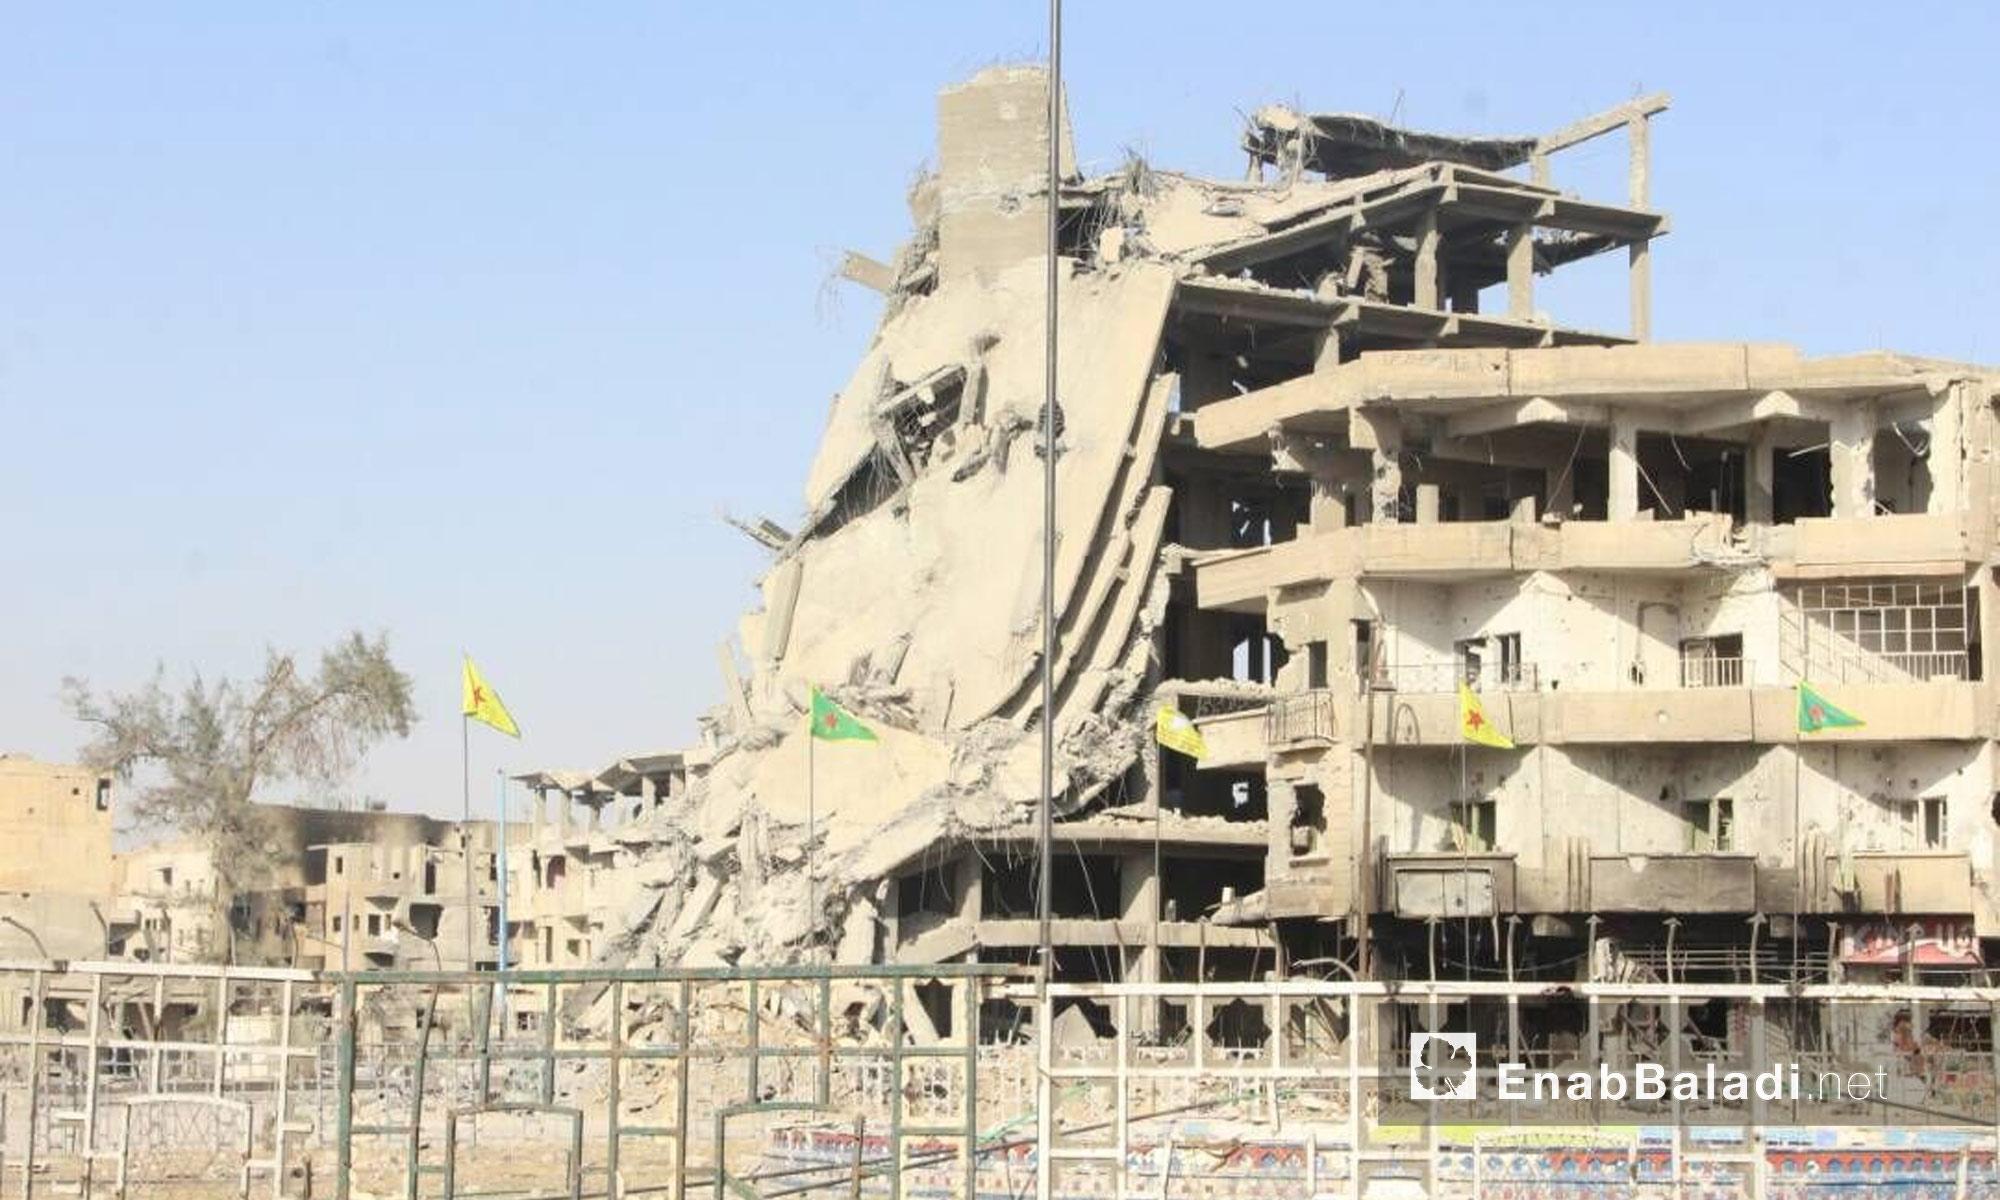 دمار في الرقة بعد سيطرة قوات سوريا الديمقراطية عليها - 26 تشرين الأول 2017 (عنب بلدي)